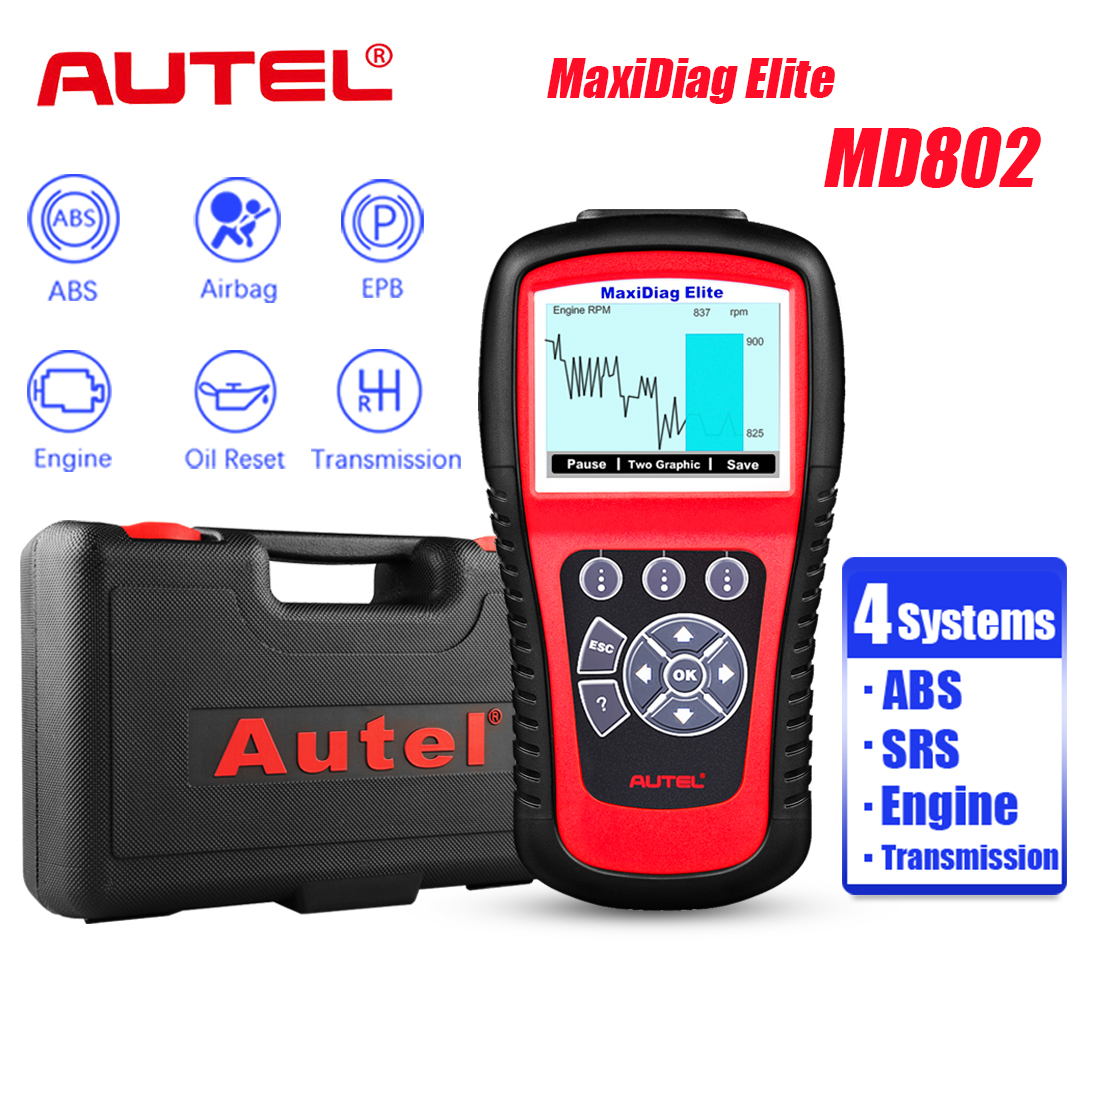 Autel Elite MD802 OBD2 Diagnostic ABS SRS Engine Transmission Scanners 4 System